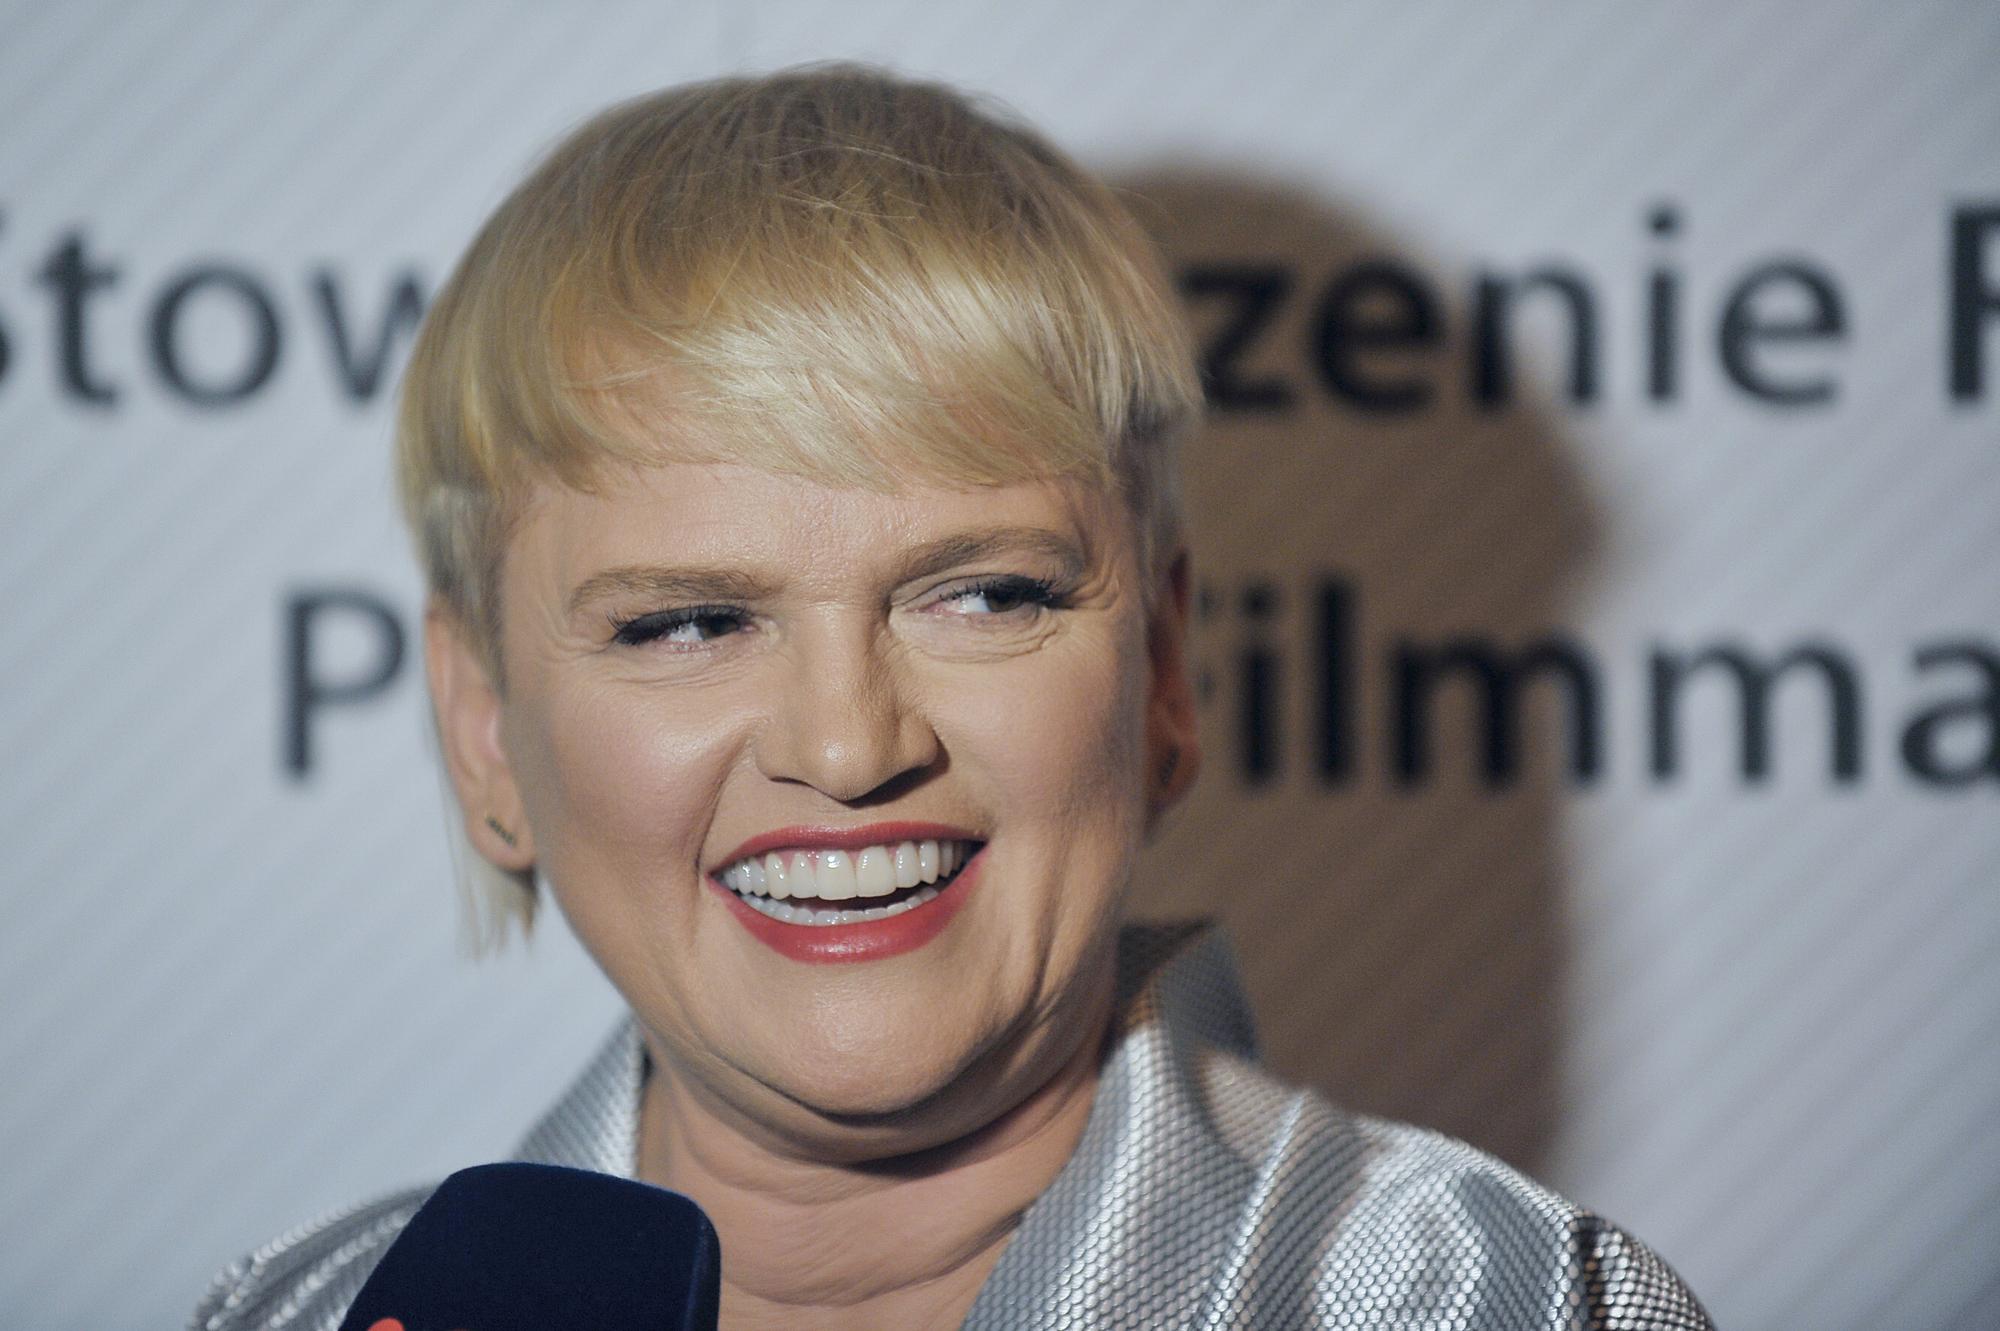 Katarzyna Figura ma nową fryzurę. Bardzo przypomina inną polską gwiazdę!